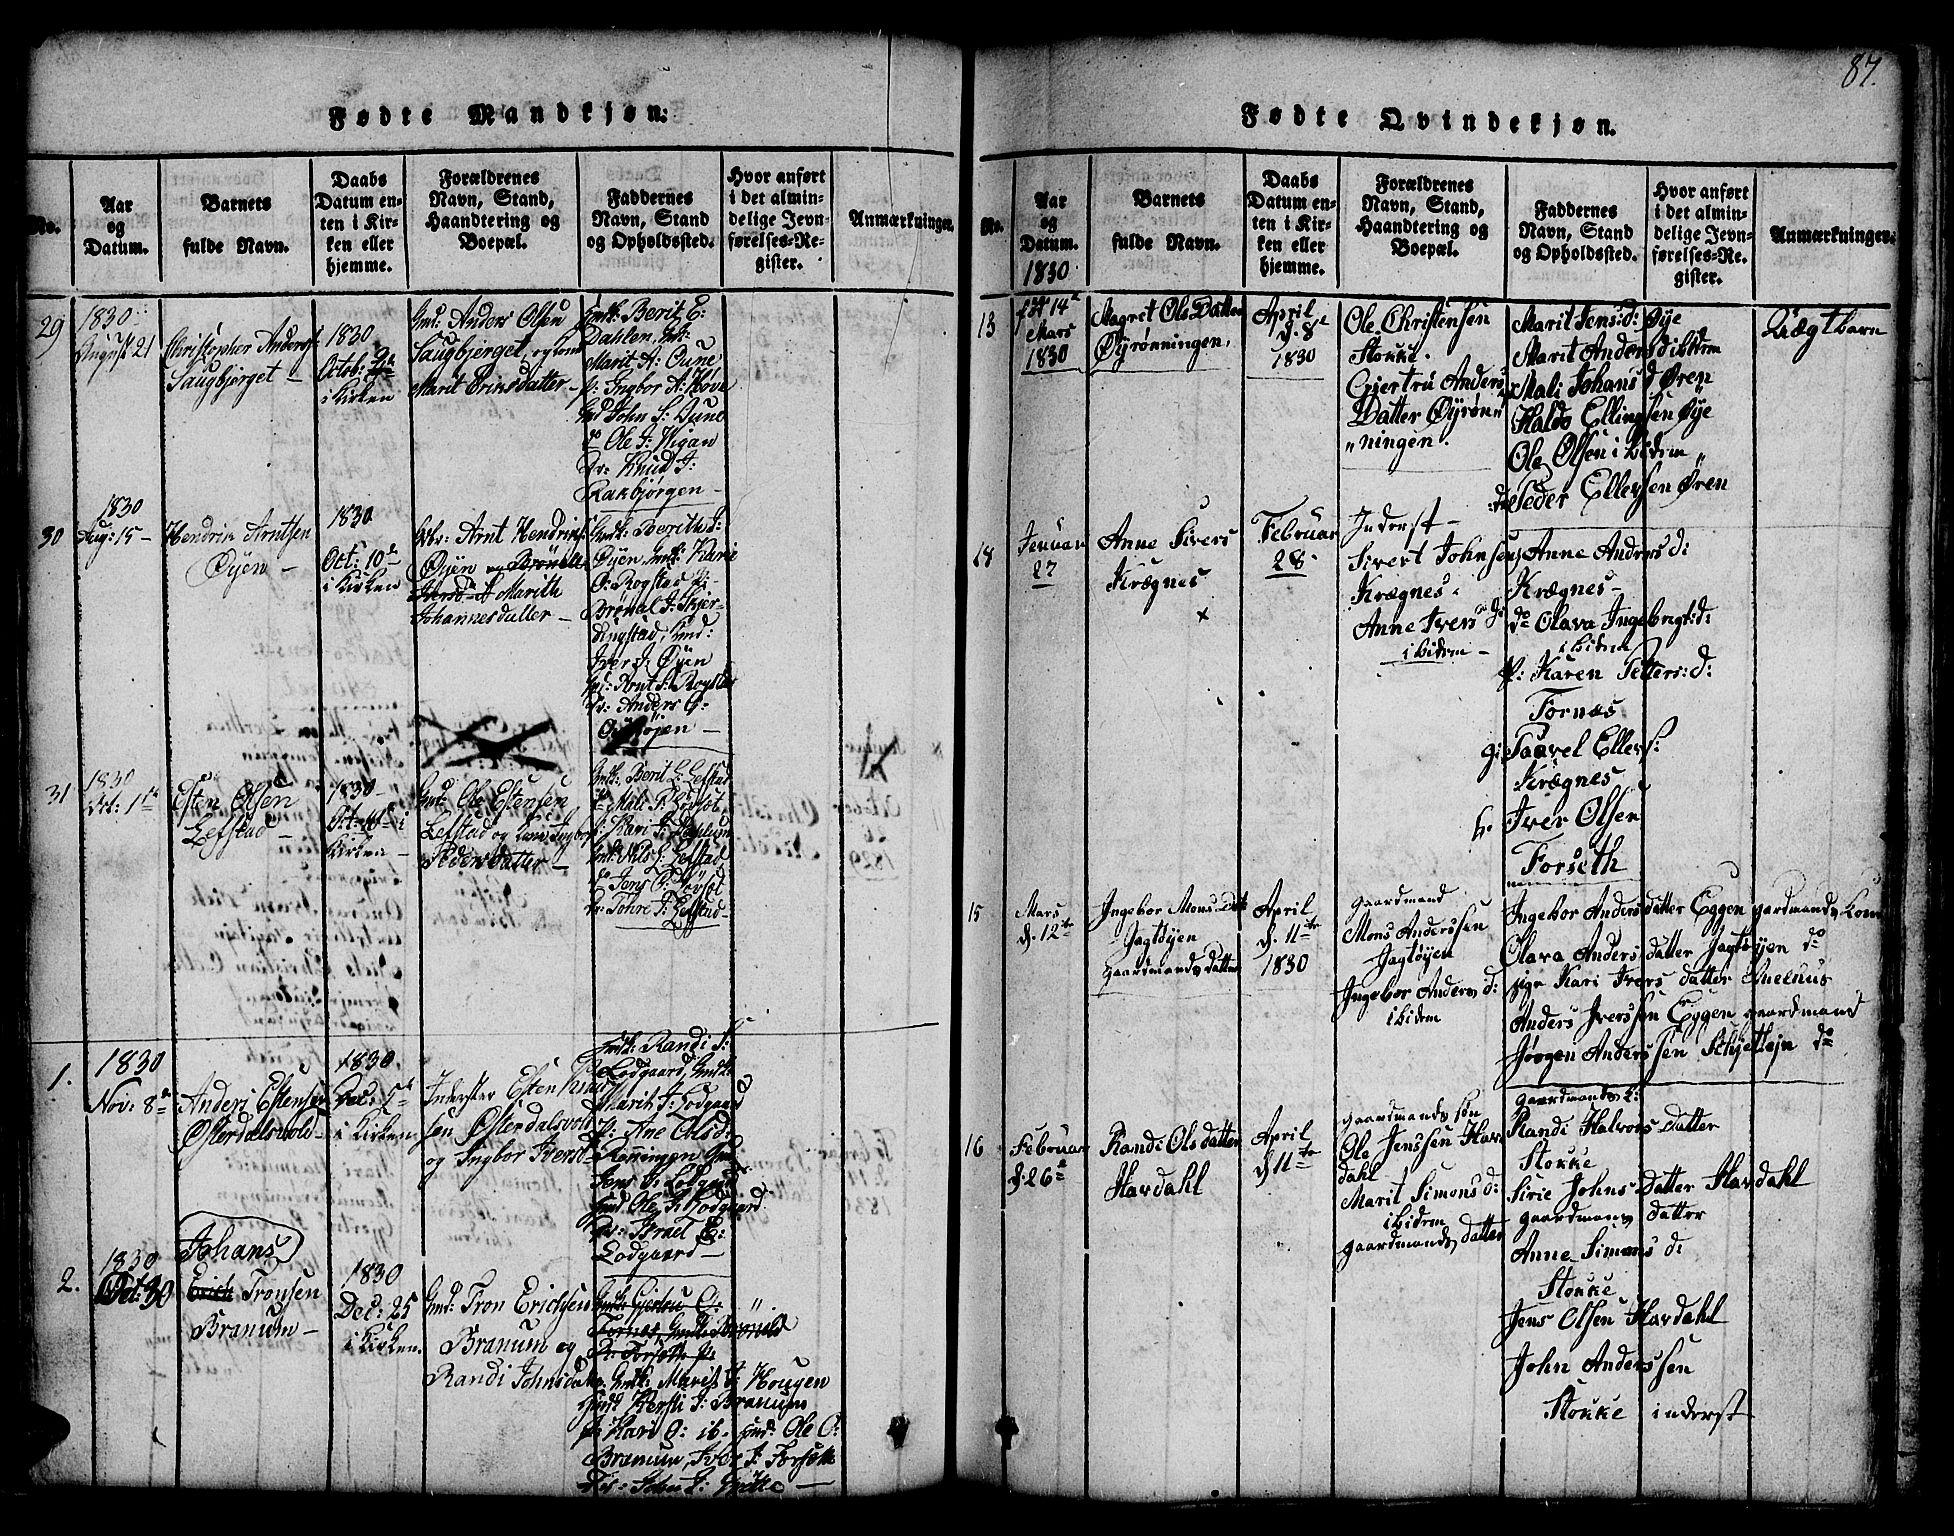 SAT, Ministerialprotokoller, klokkerbøker og fødselsregistre - Sør-Trøndelag, 691/L1092: Klokkerbok nr. 691C03, 1816-1852, s. 87